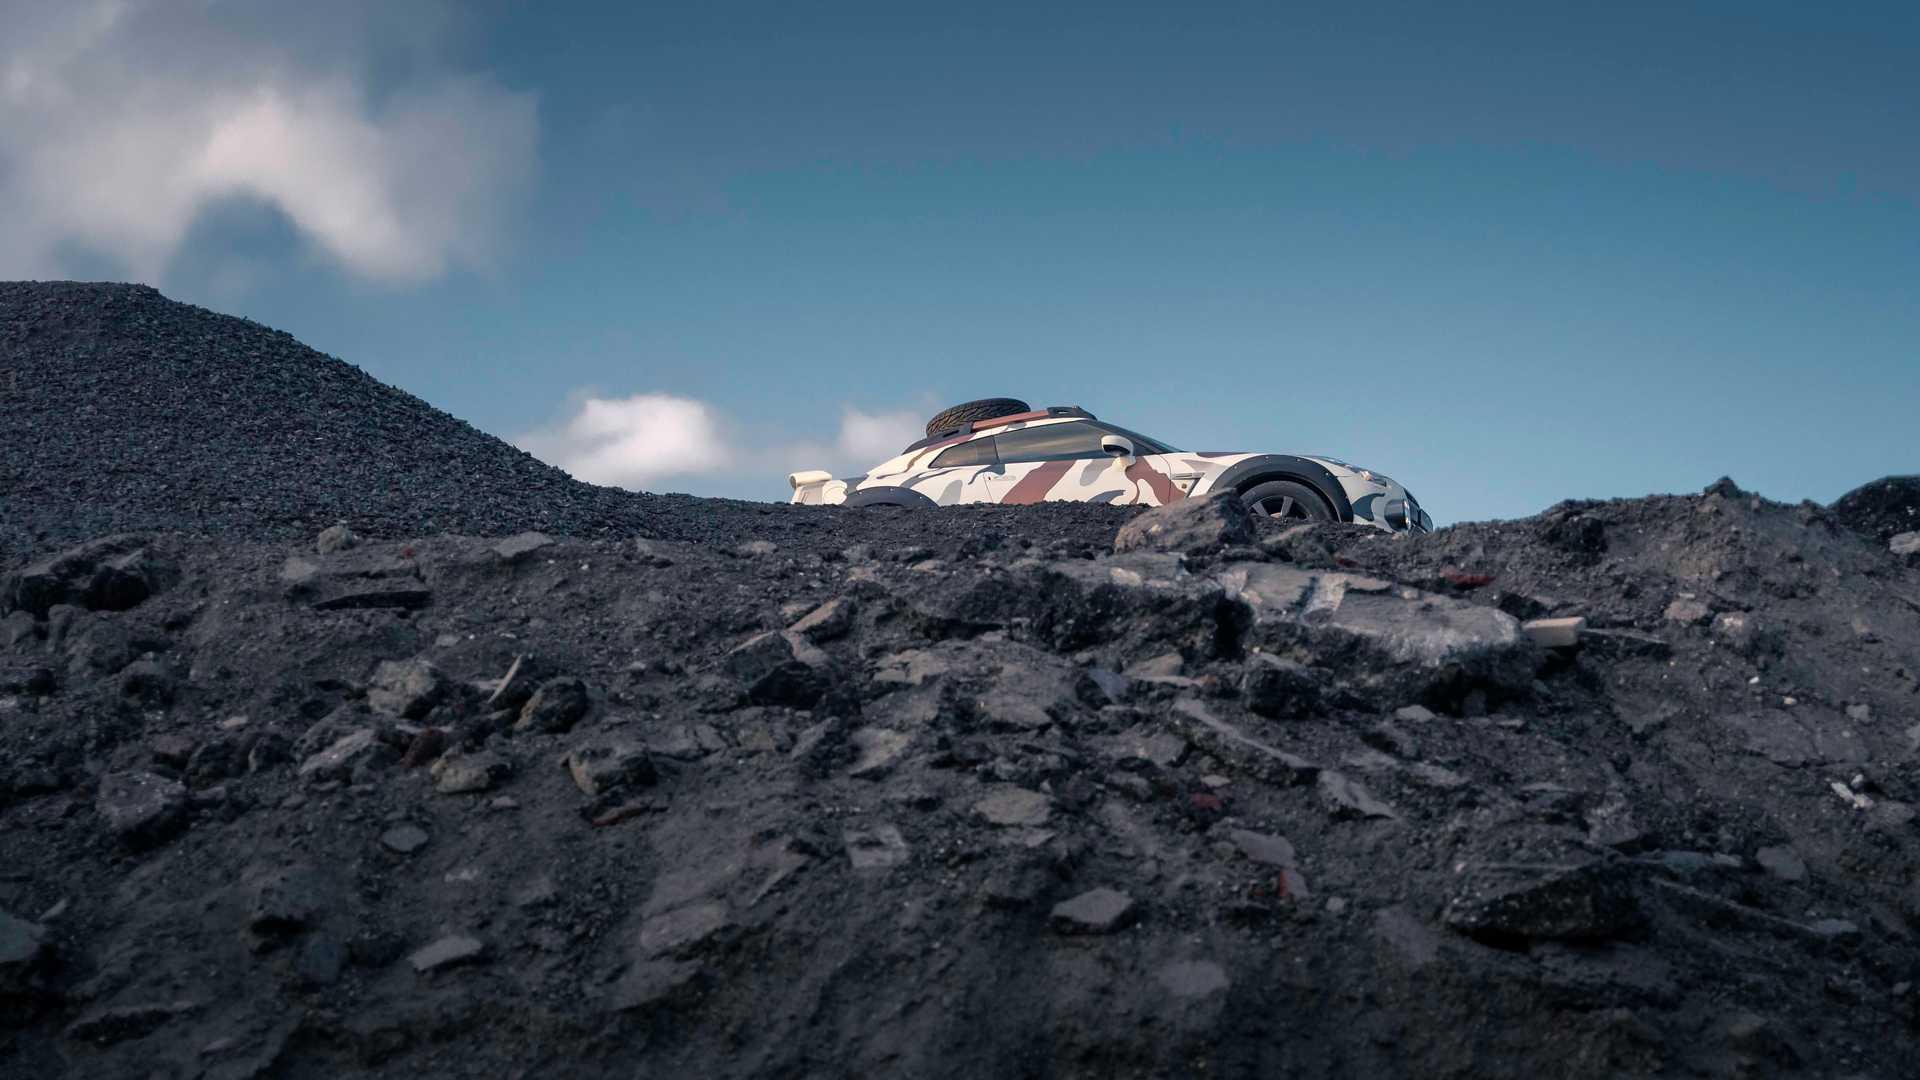 Nissan-GT-R-Offroad-Godzilla-2.0-13